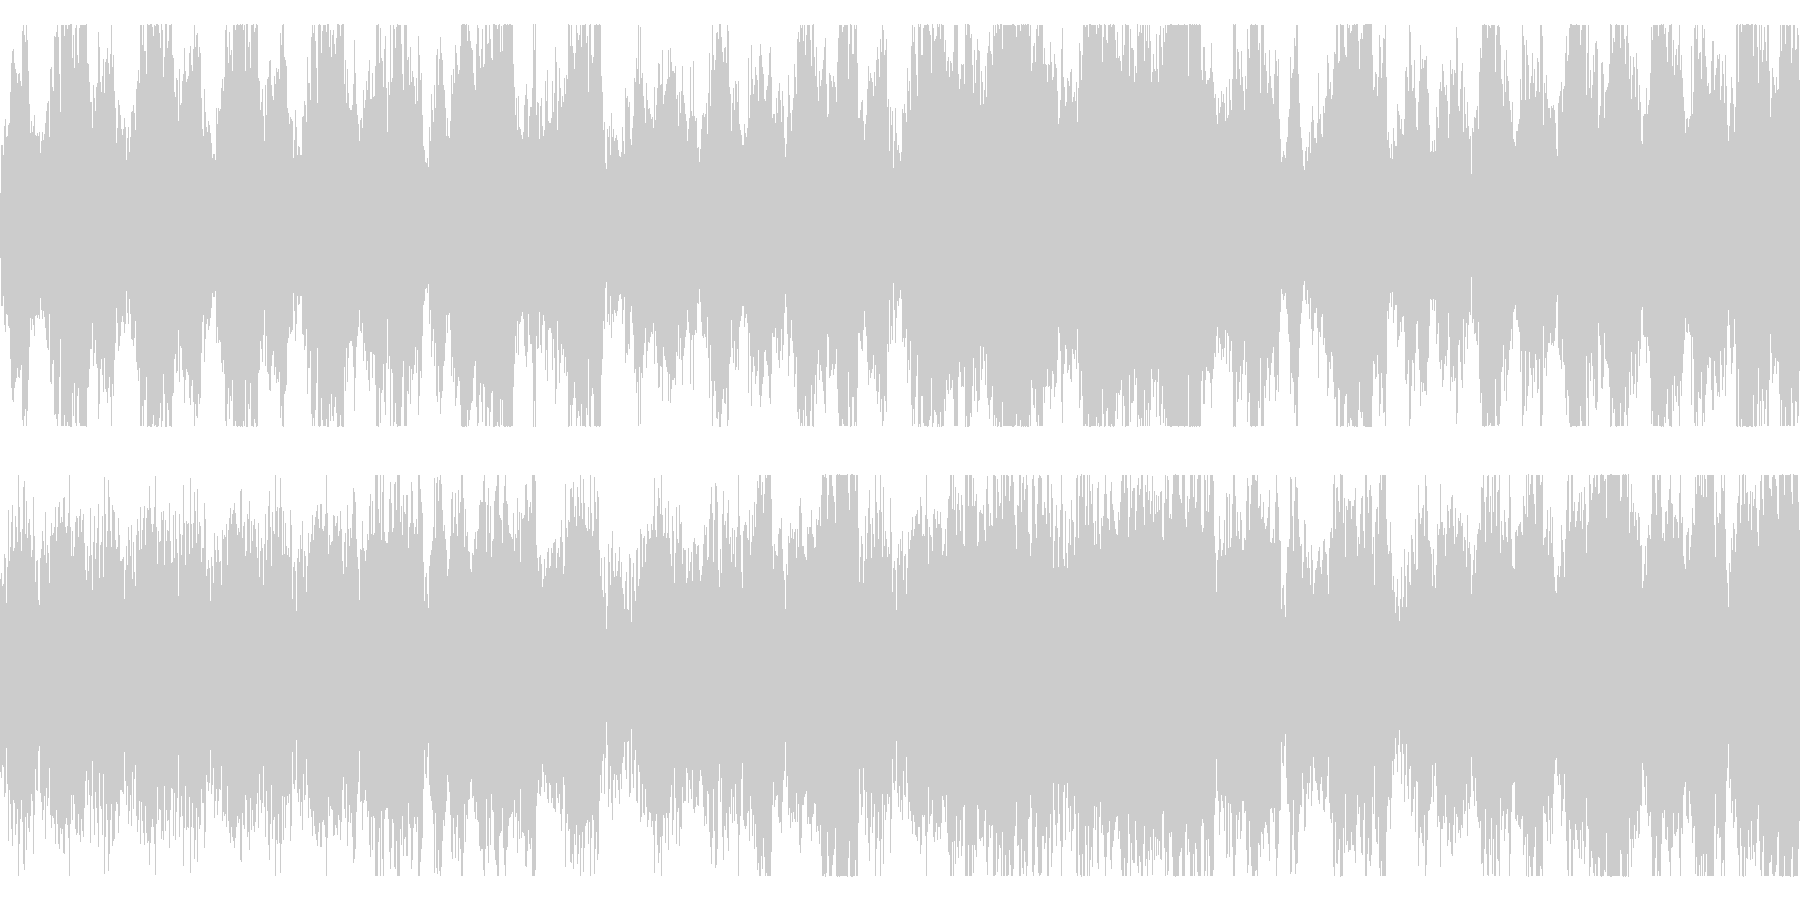 ダーク、ホラー向けオーケストラ ループの未再生の波形